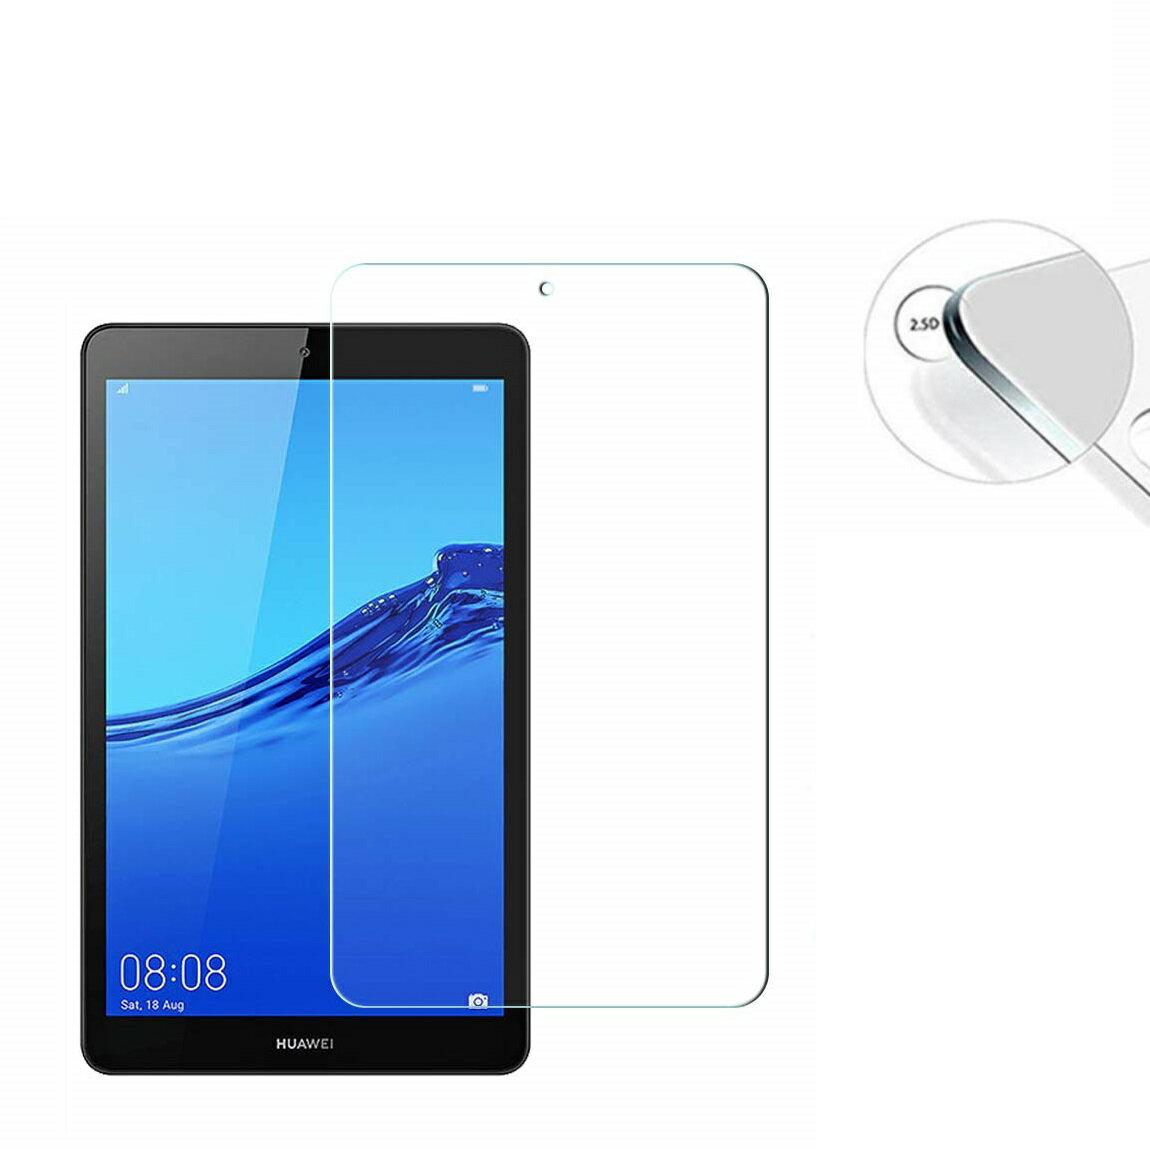 【送料無料】HUAWEI MediaPad M5 Lite 8.0 強化ガラス 液晶保護フィルム ガラスフィルム 耐指紋 撥油性 表面硬度 9H 業界最薄0.3mmのガラスを採用 2.5D ラウンドエッジ加工 JDN2-L09 対応